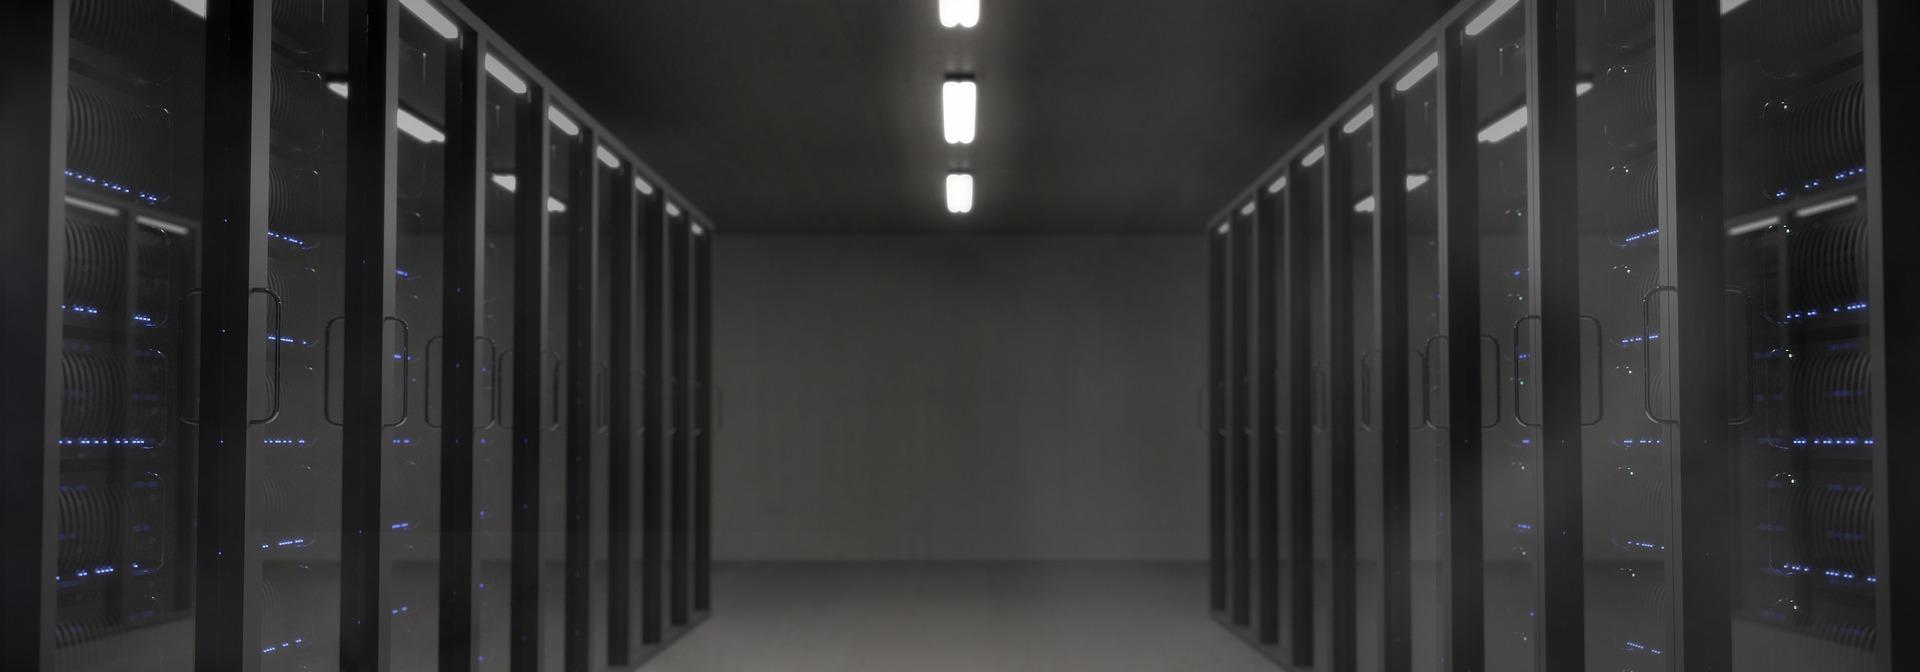 vps-server-forex-trading-virtualny-privatny-server-vps-services.eu